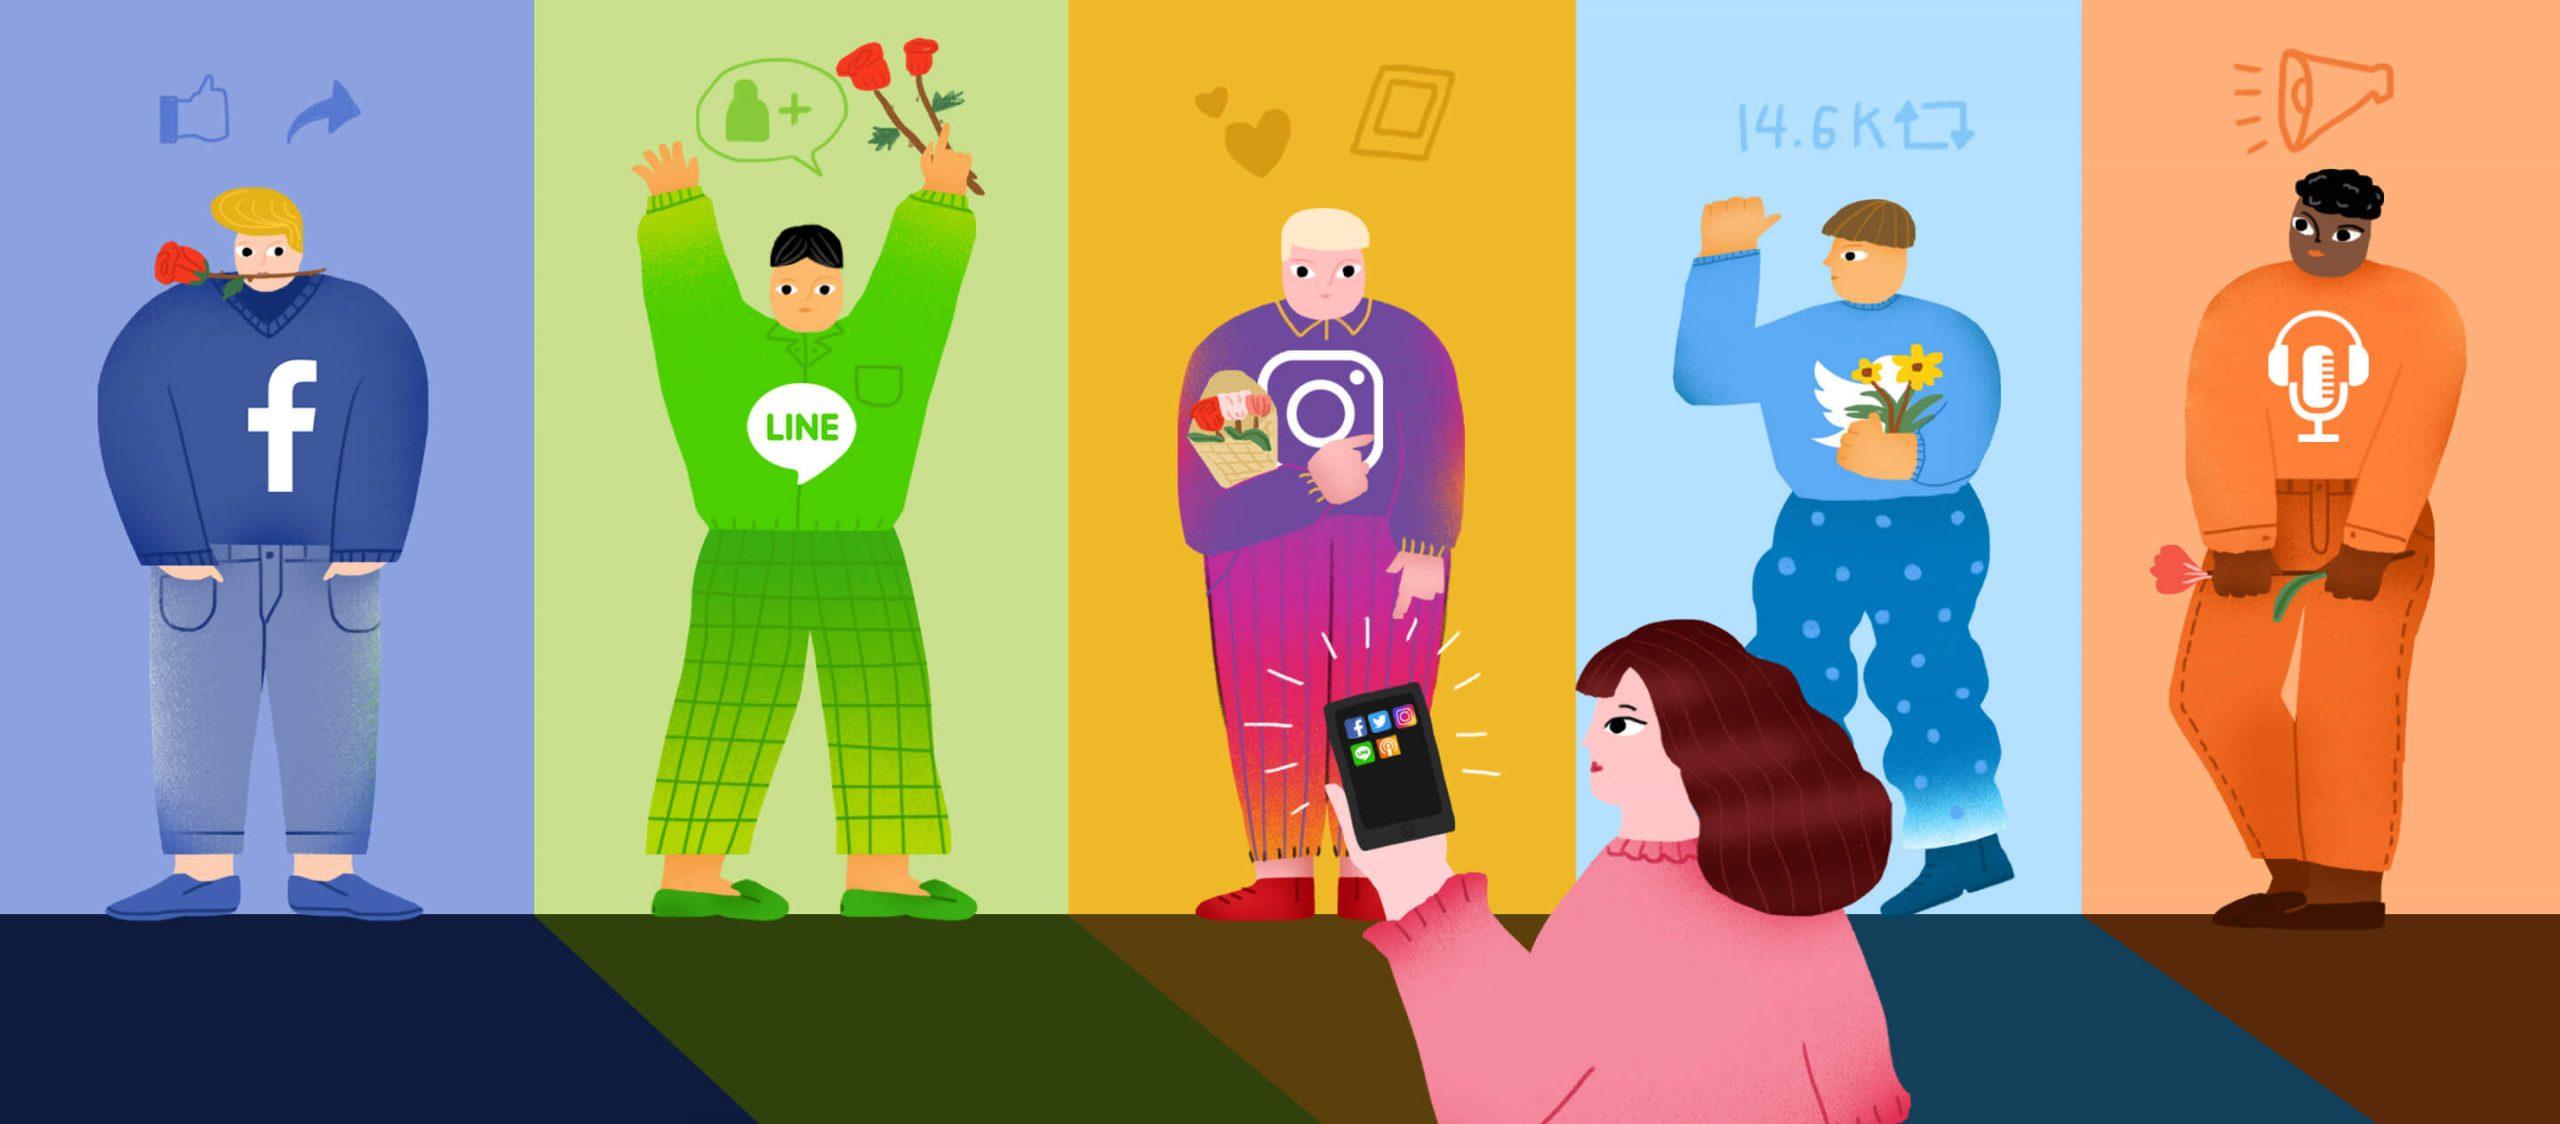 สื่อใหม่ใช้แพลตฟอร์มไหนดี? โลกในยุคที่สื่อดิจิทัลหลากหลายเกินกว่าเฟซบุ๊ก